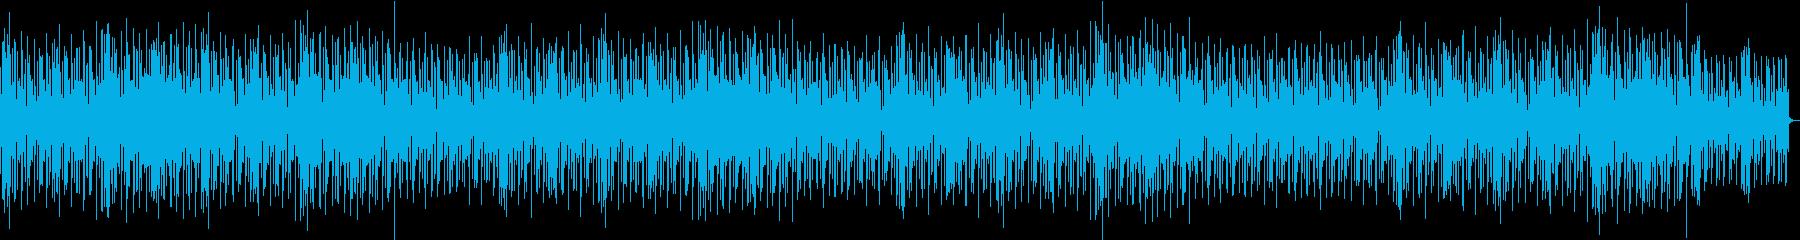 静かで美しいアンビエントサウンドの再生済みの波形